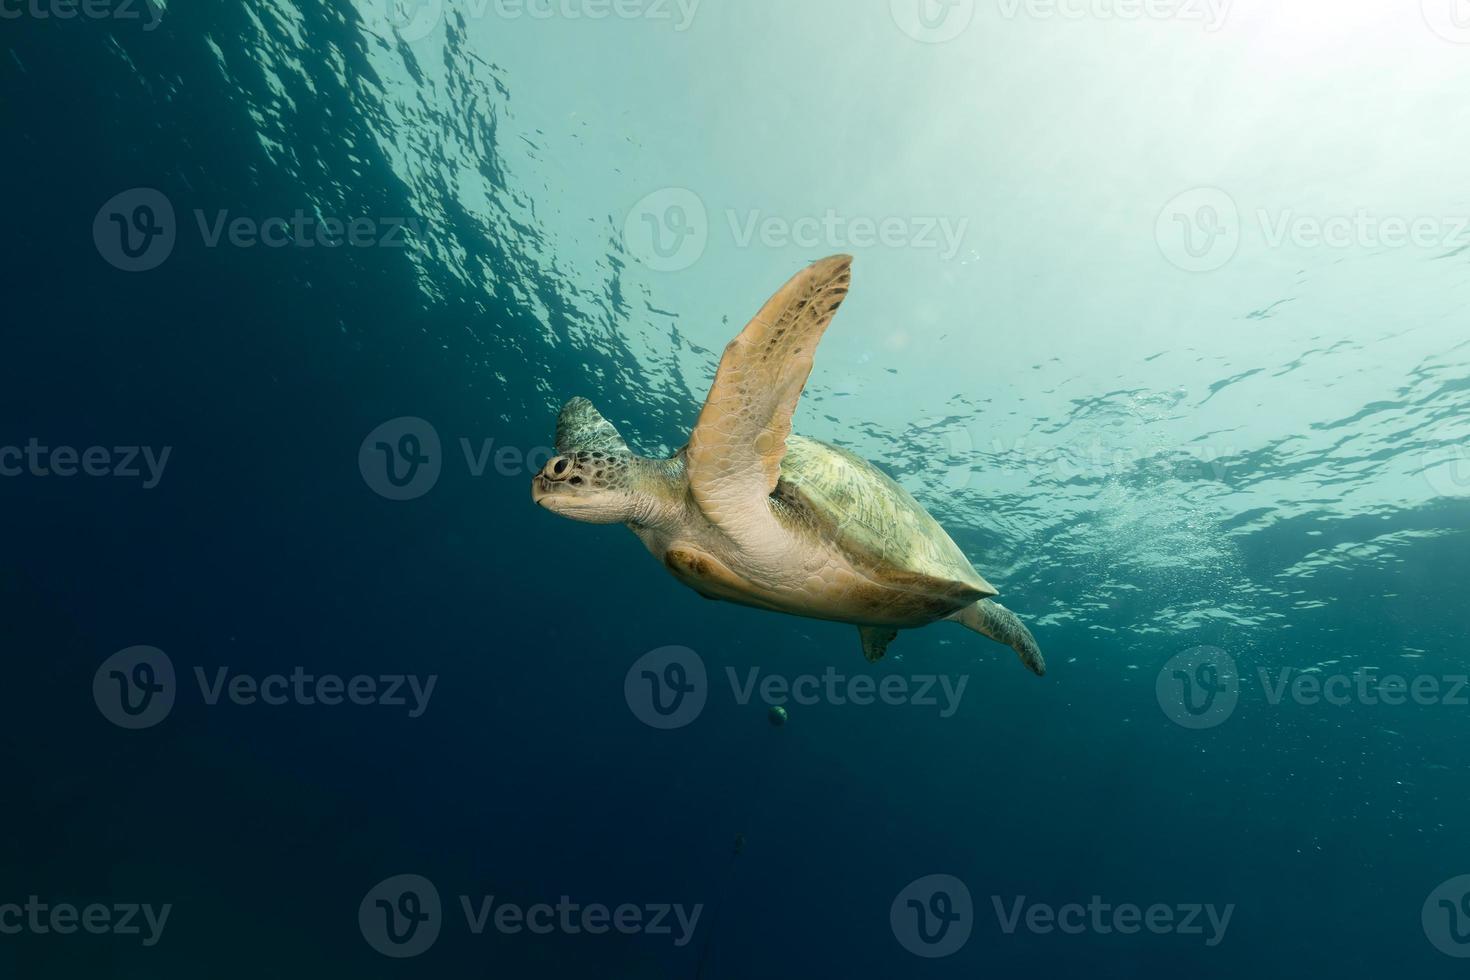 tartaruga verde feminina no mar vermelho. foto